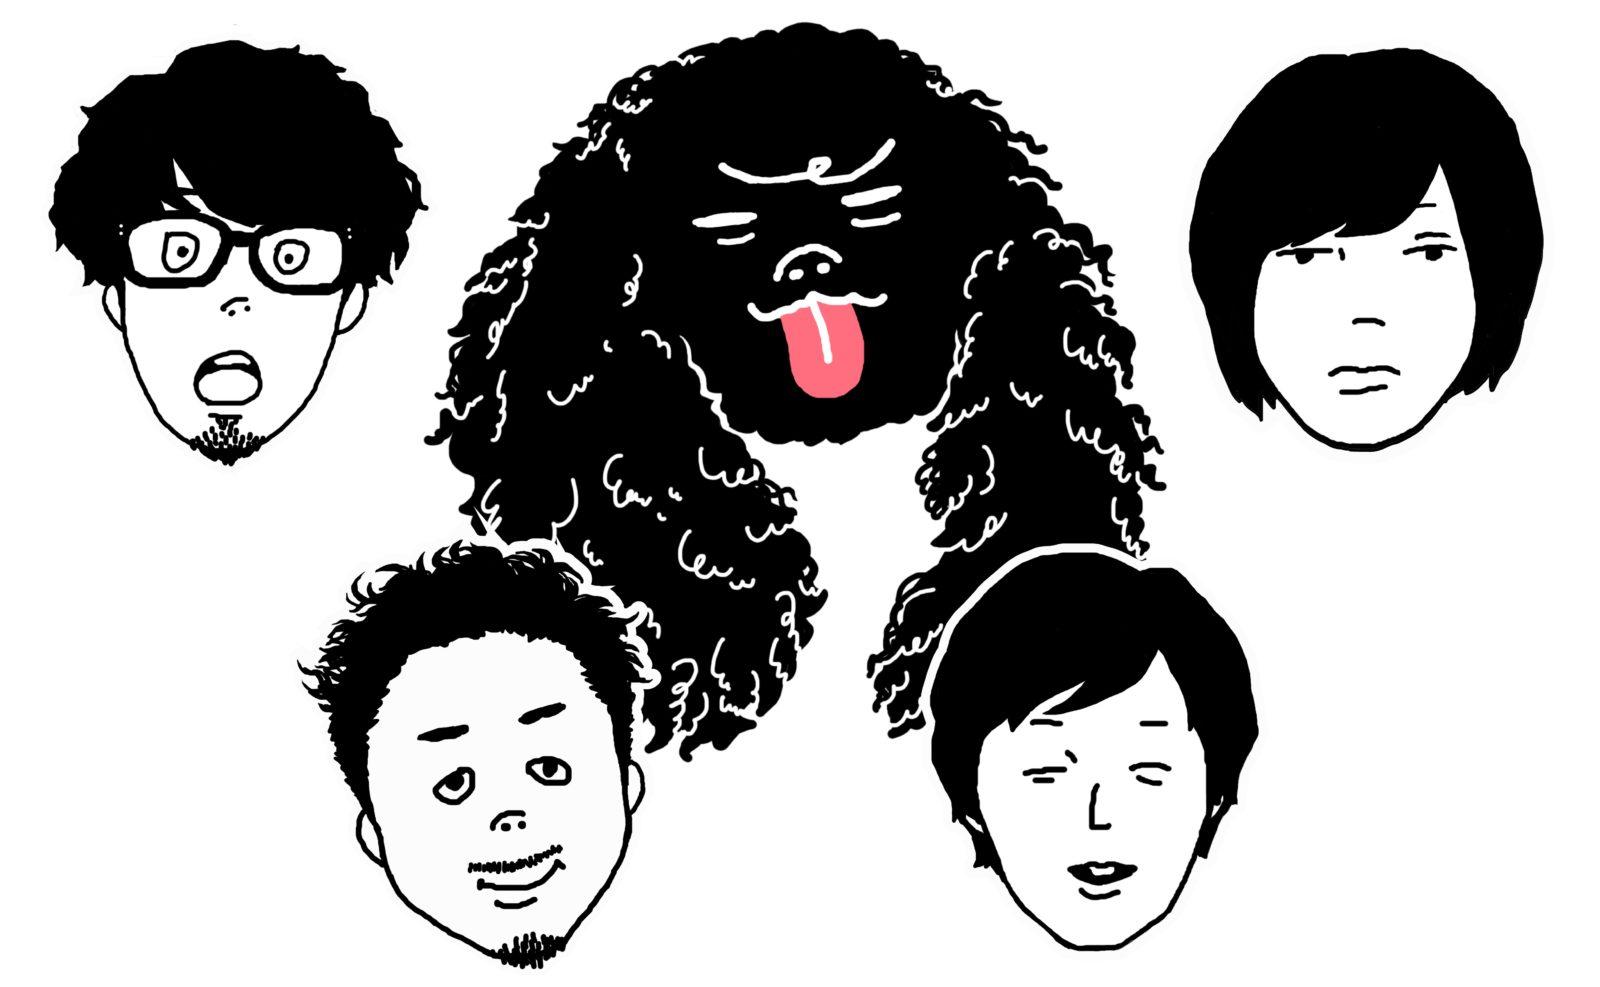 キュウソネコカミ ニューシングル「越えていけ」がアニメ「メジャーセカンド」のオープニングテーマに決定サムネイル画像